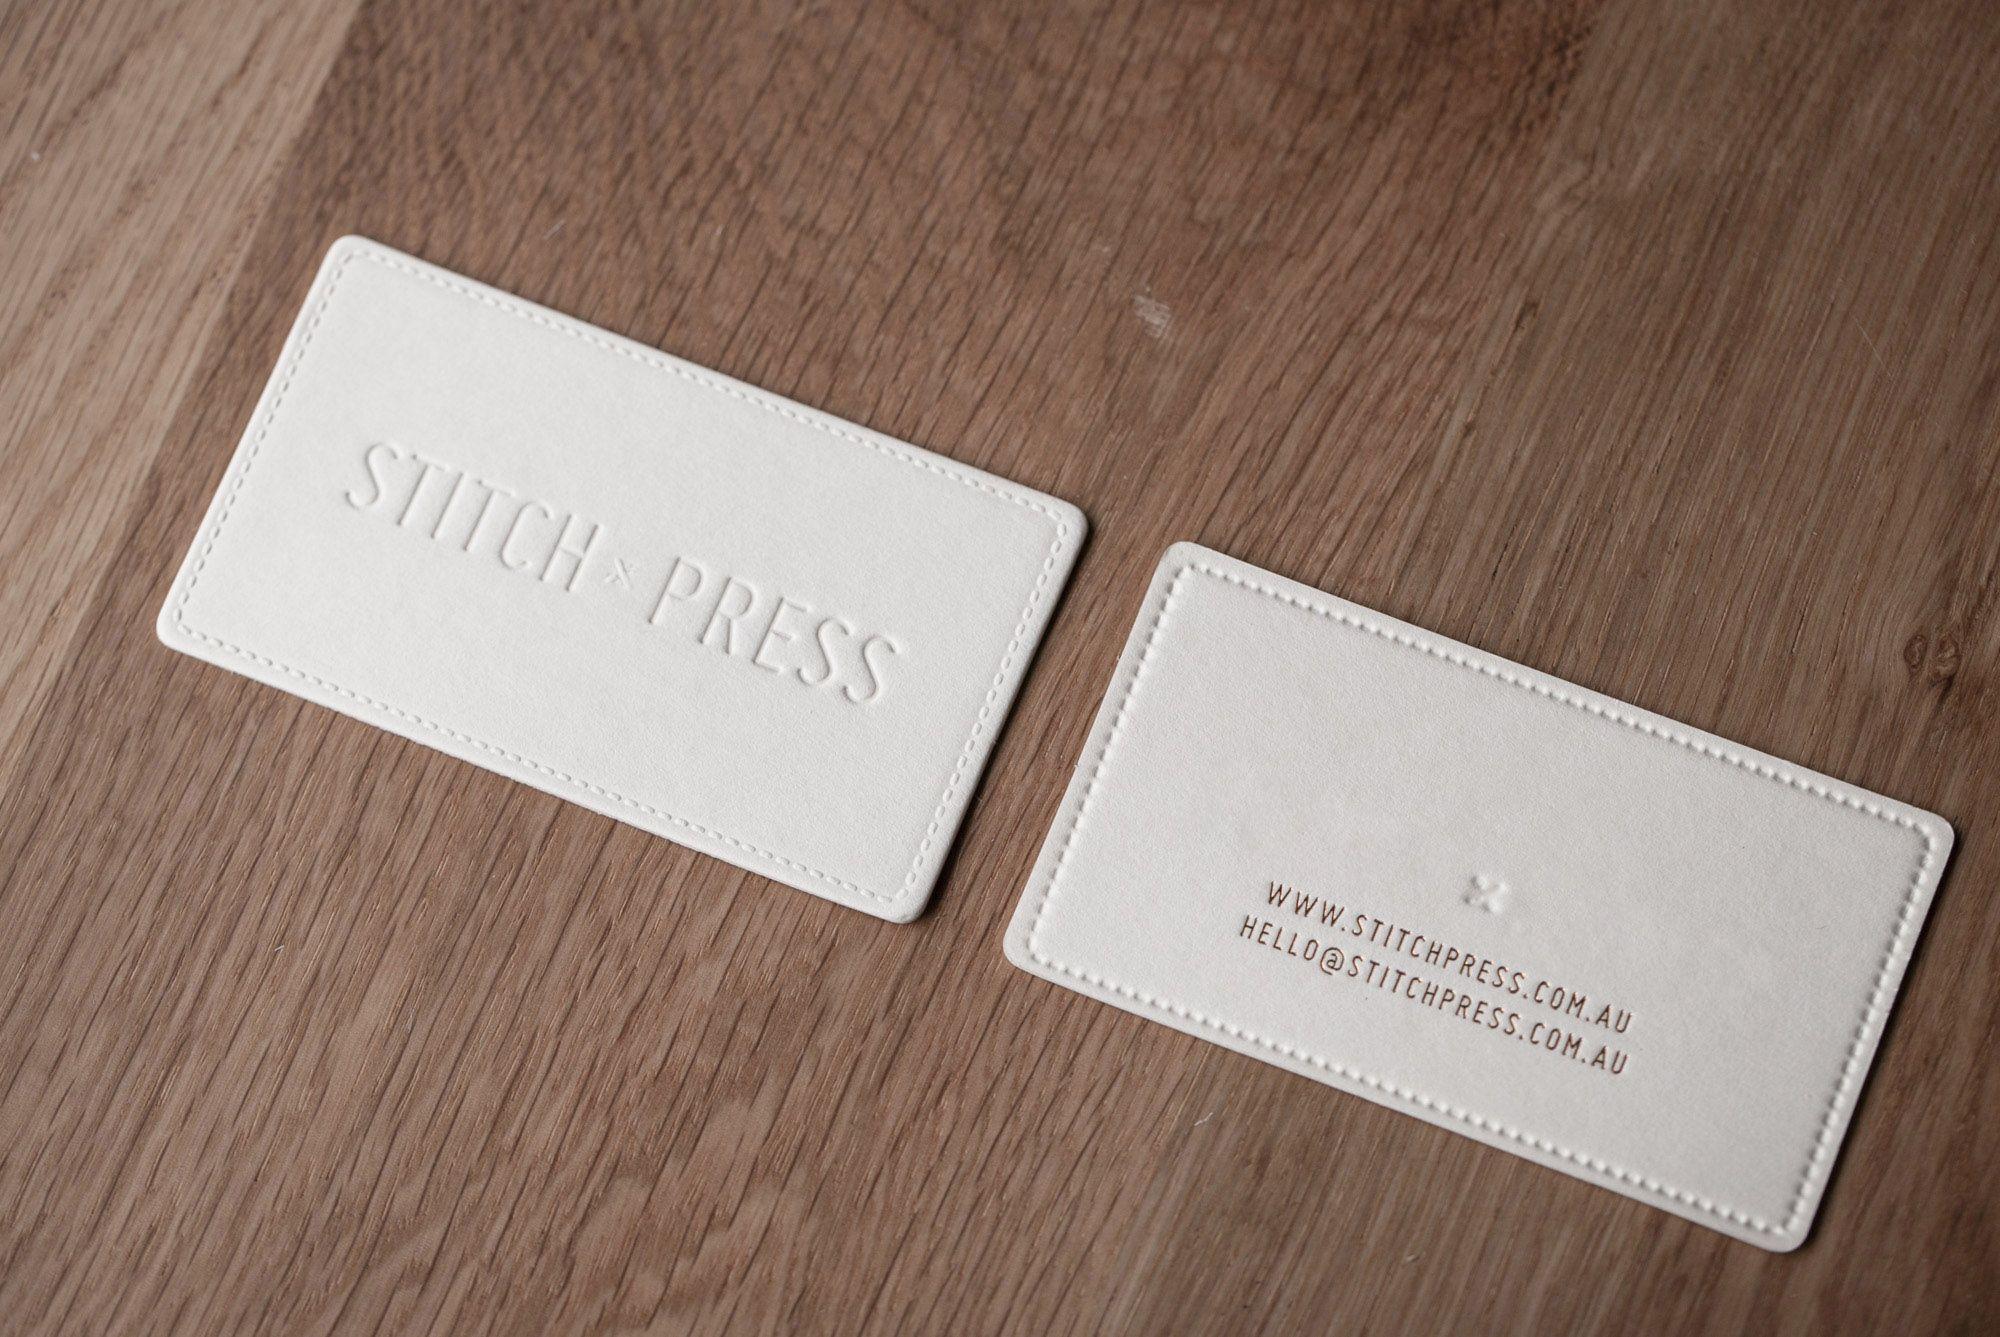 Foiling Business Card Sch Press Blind Deboss Emboss